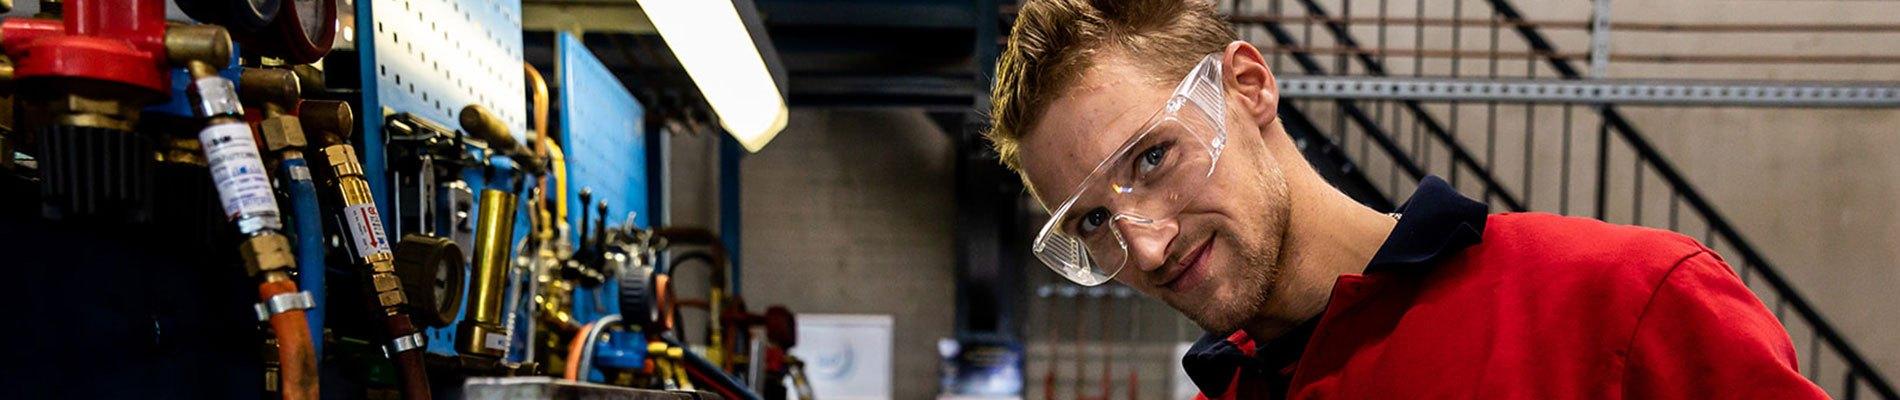 Leerling met veiligheidsbril